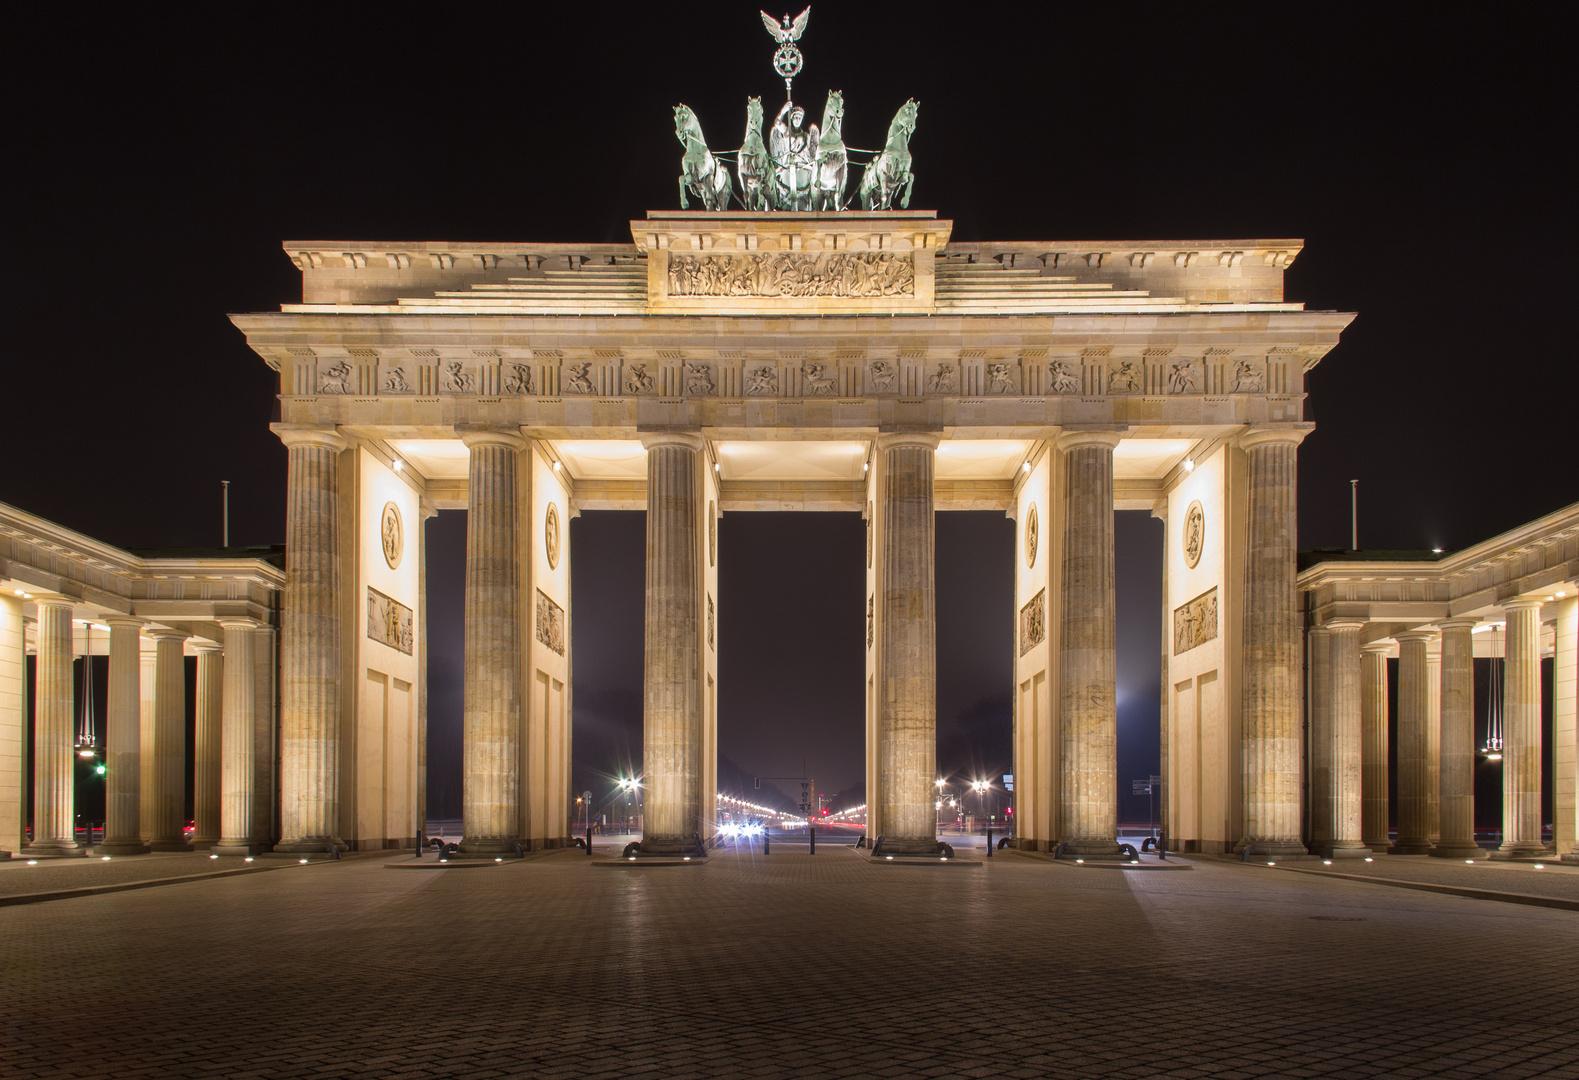 Brandenburger Tor 2016 Foto Bild Architektur Architektur Bei Nacht Berlin Bilder Auf Fotocommunity